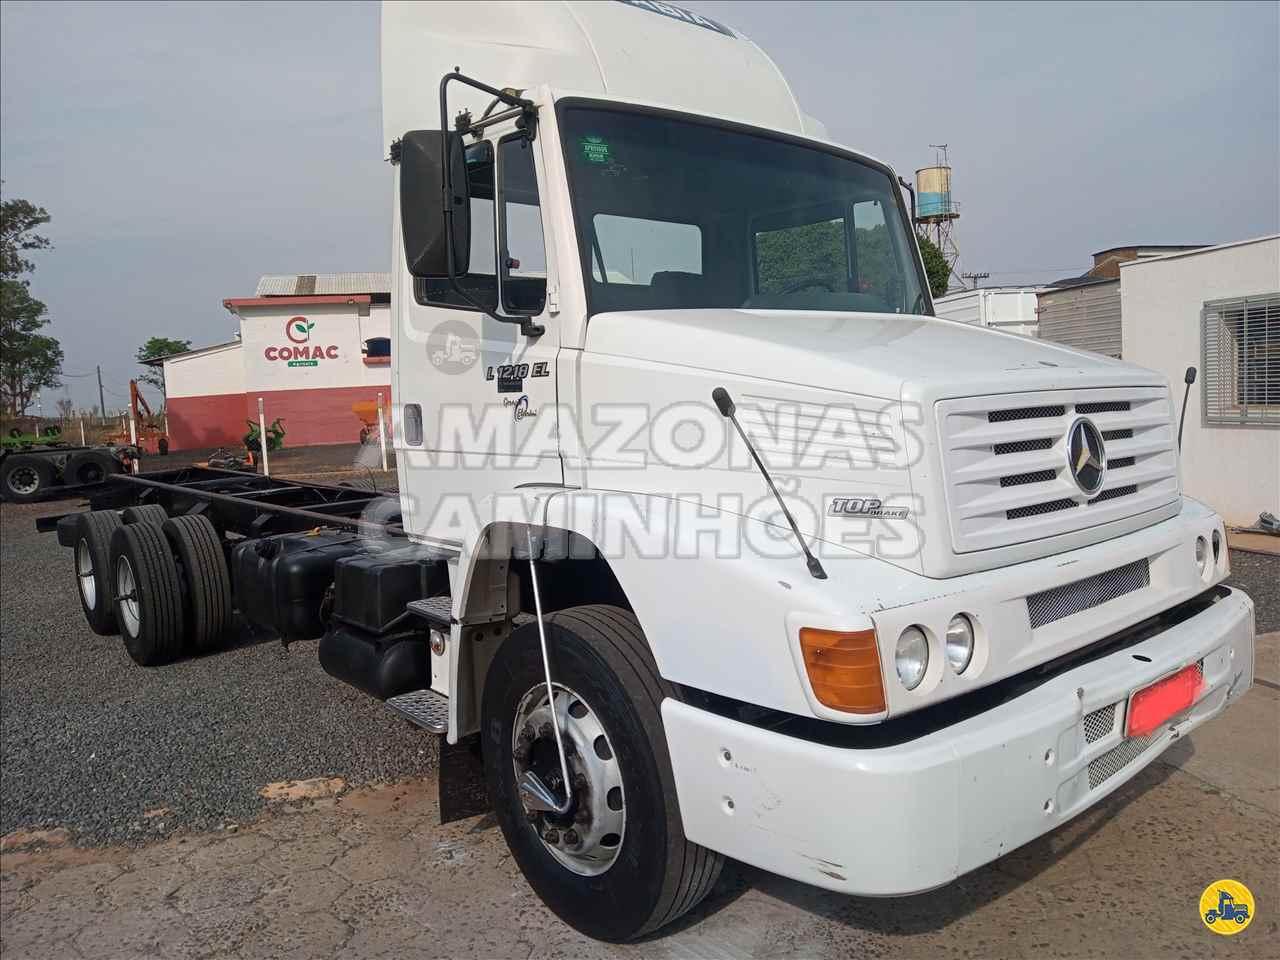 CAMINHAO MERCEDES-BENZ MB 1218 Chassis Truck 6x2 Amazonas Caminhões - SP MARILIA SÃO PAULO SP